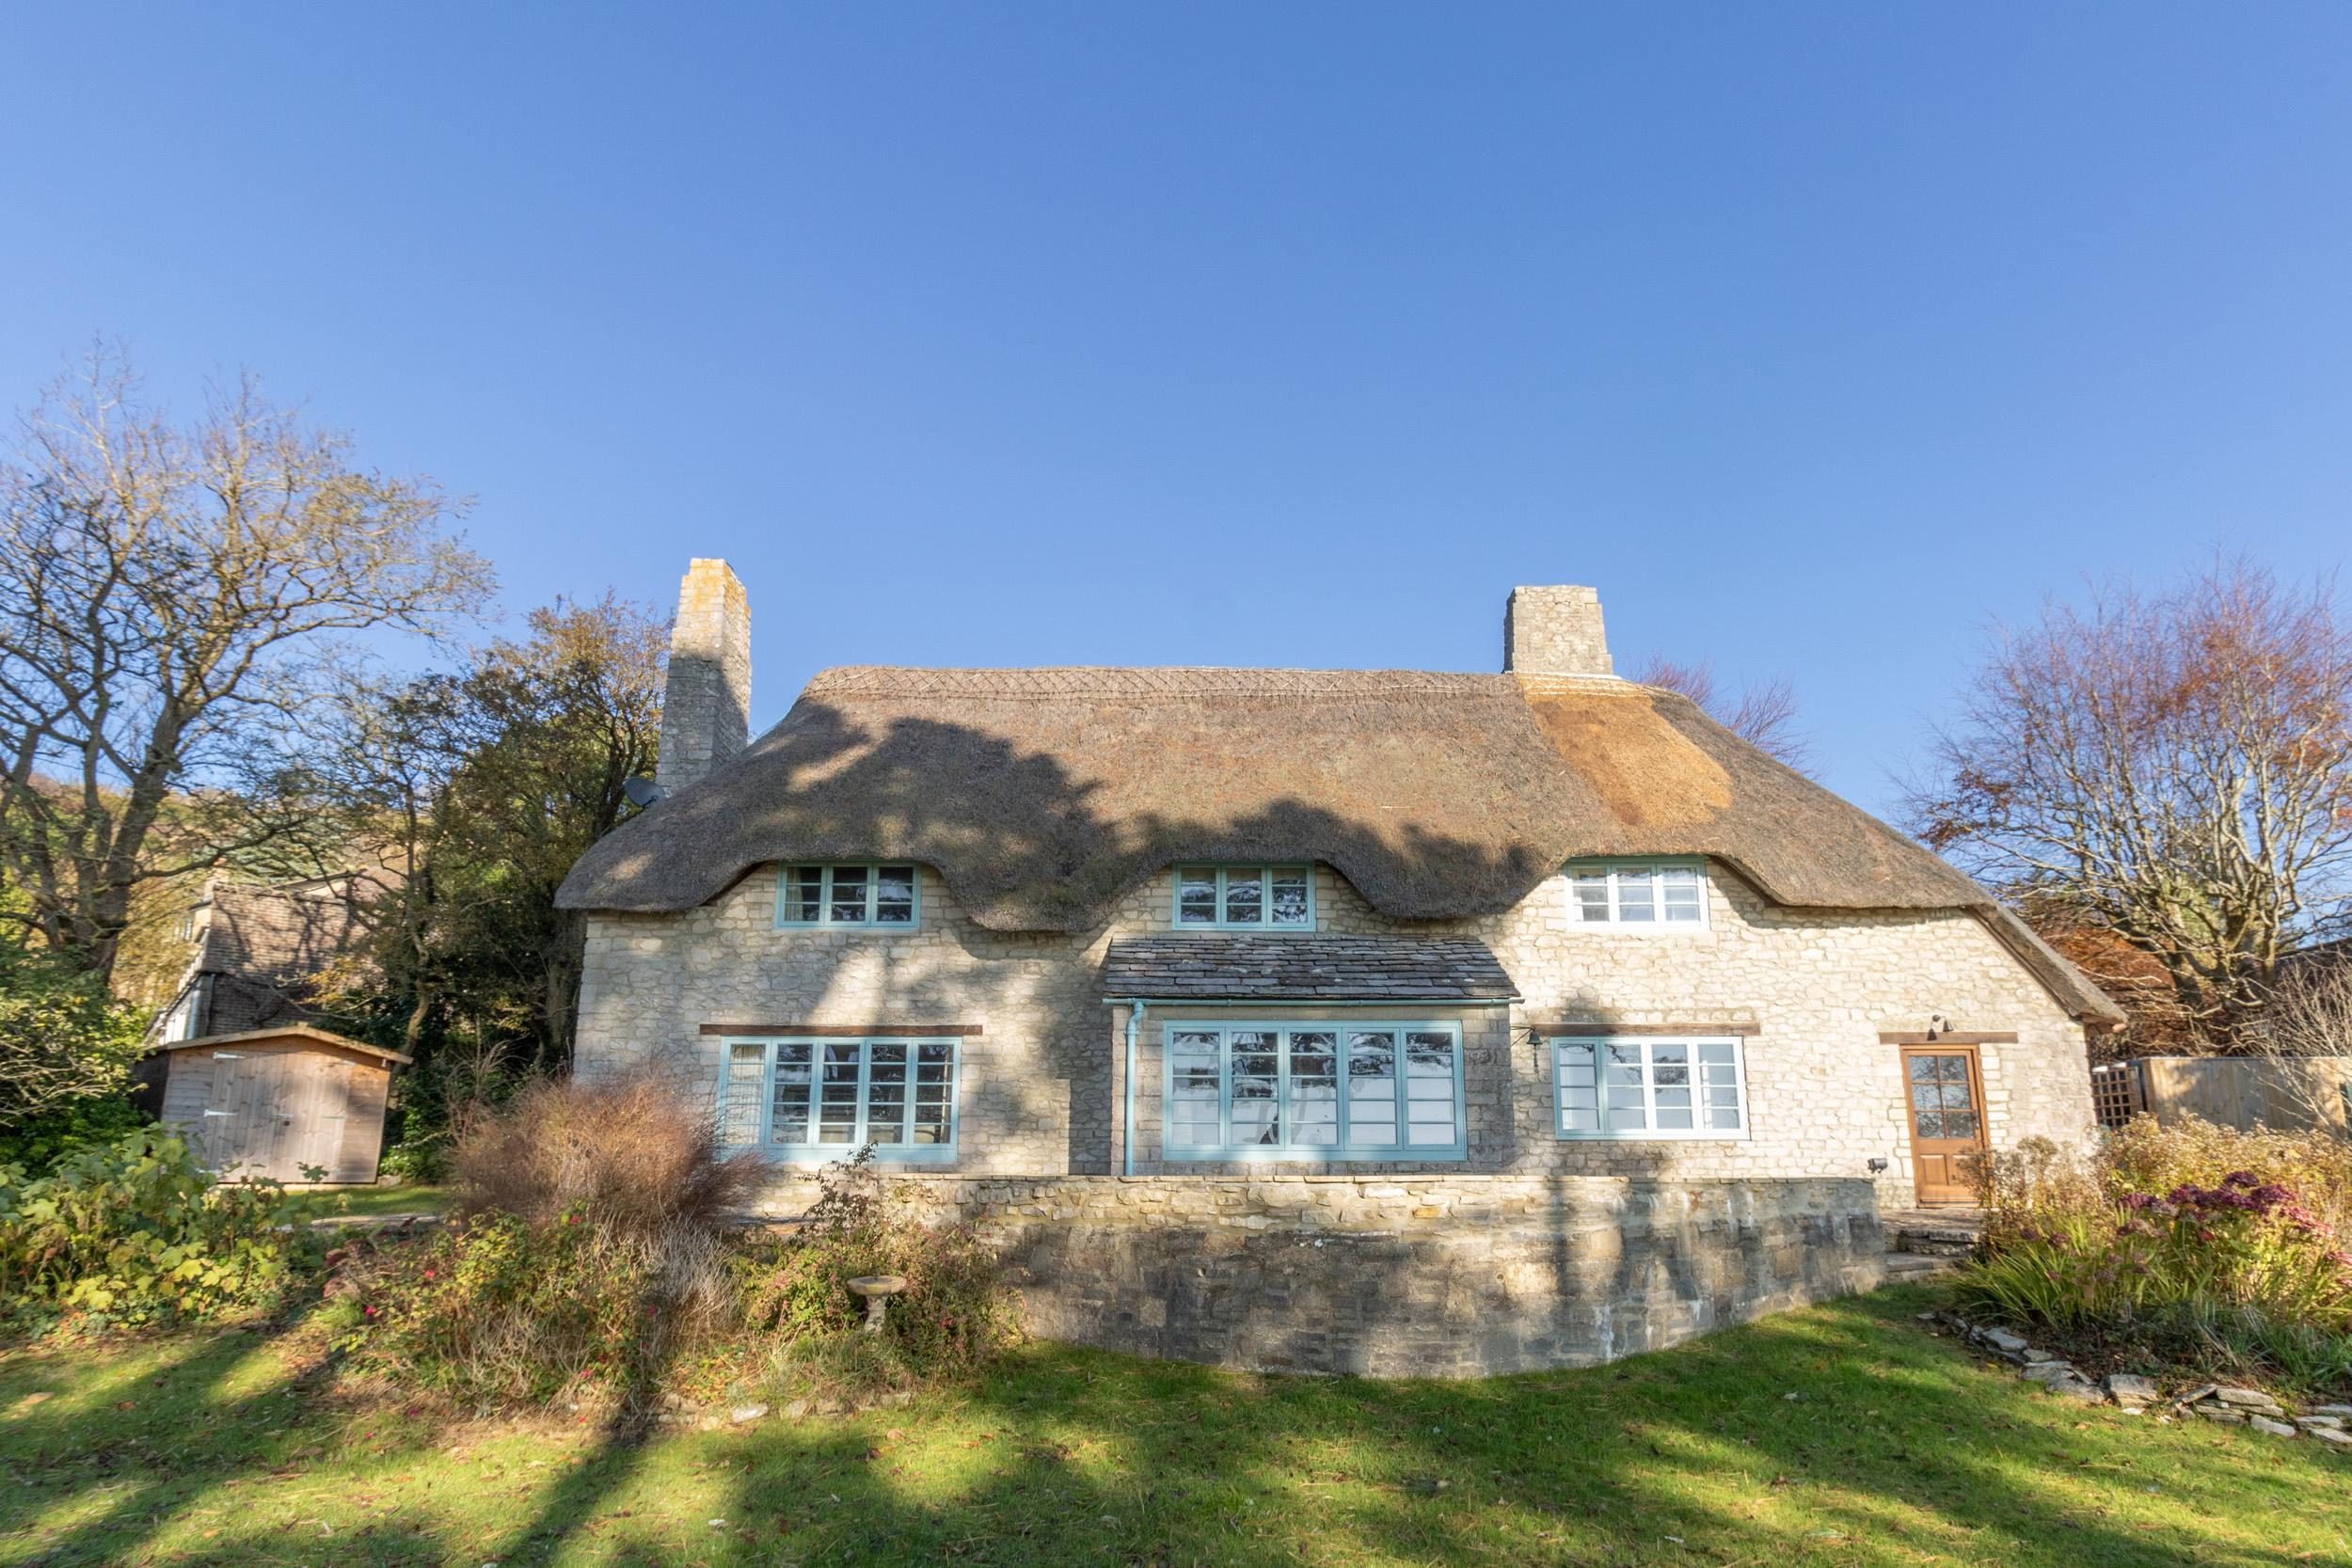 Staddles Cottage